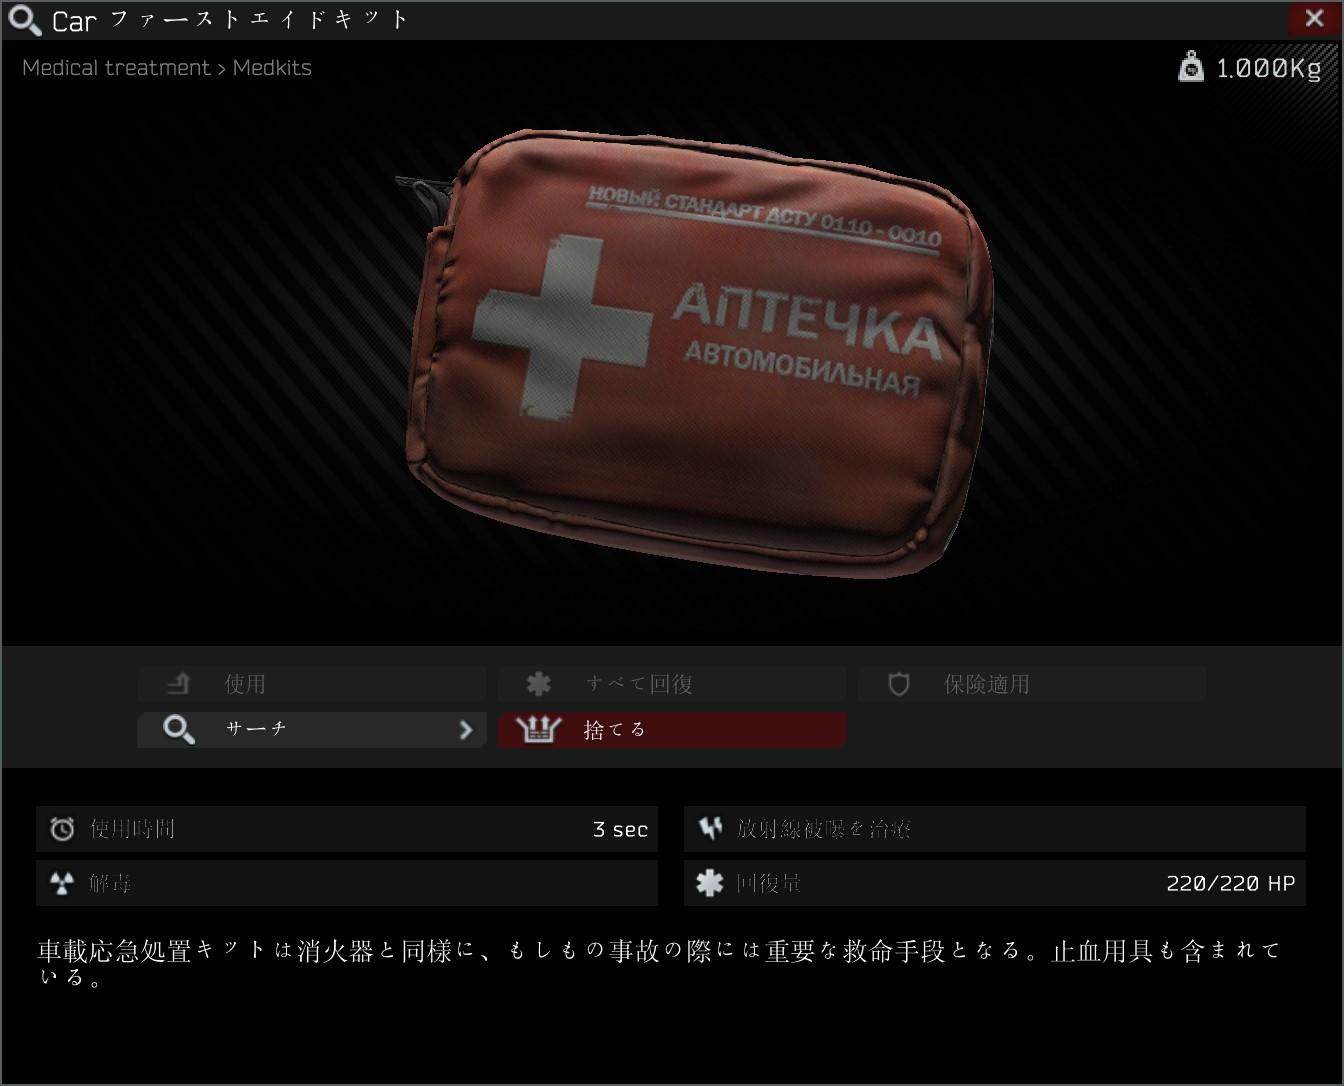 CAR first aid kit2.jpg